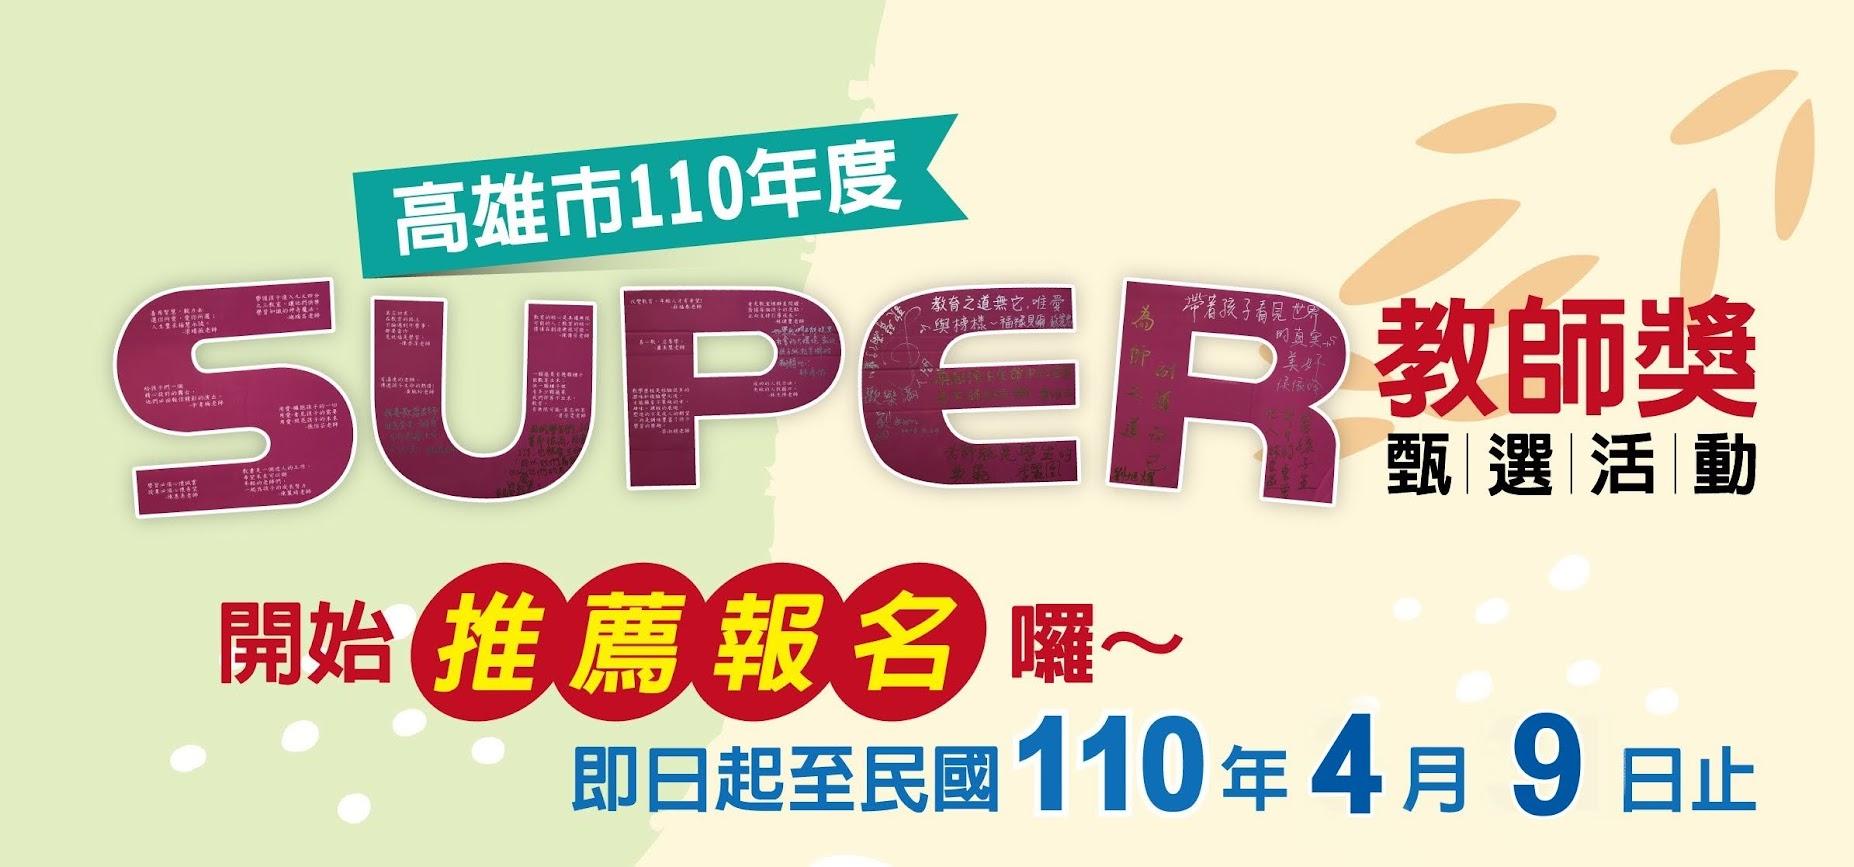 http://www.kta.kh.edu.tw/home/sys-message/new-message/110niansuperjiaoshijiangbaomingqidongrangfengshengmeihaodeguoshidaidaixiangchuan2020-11-18